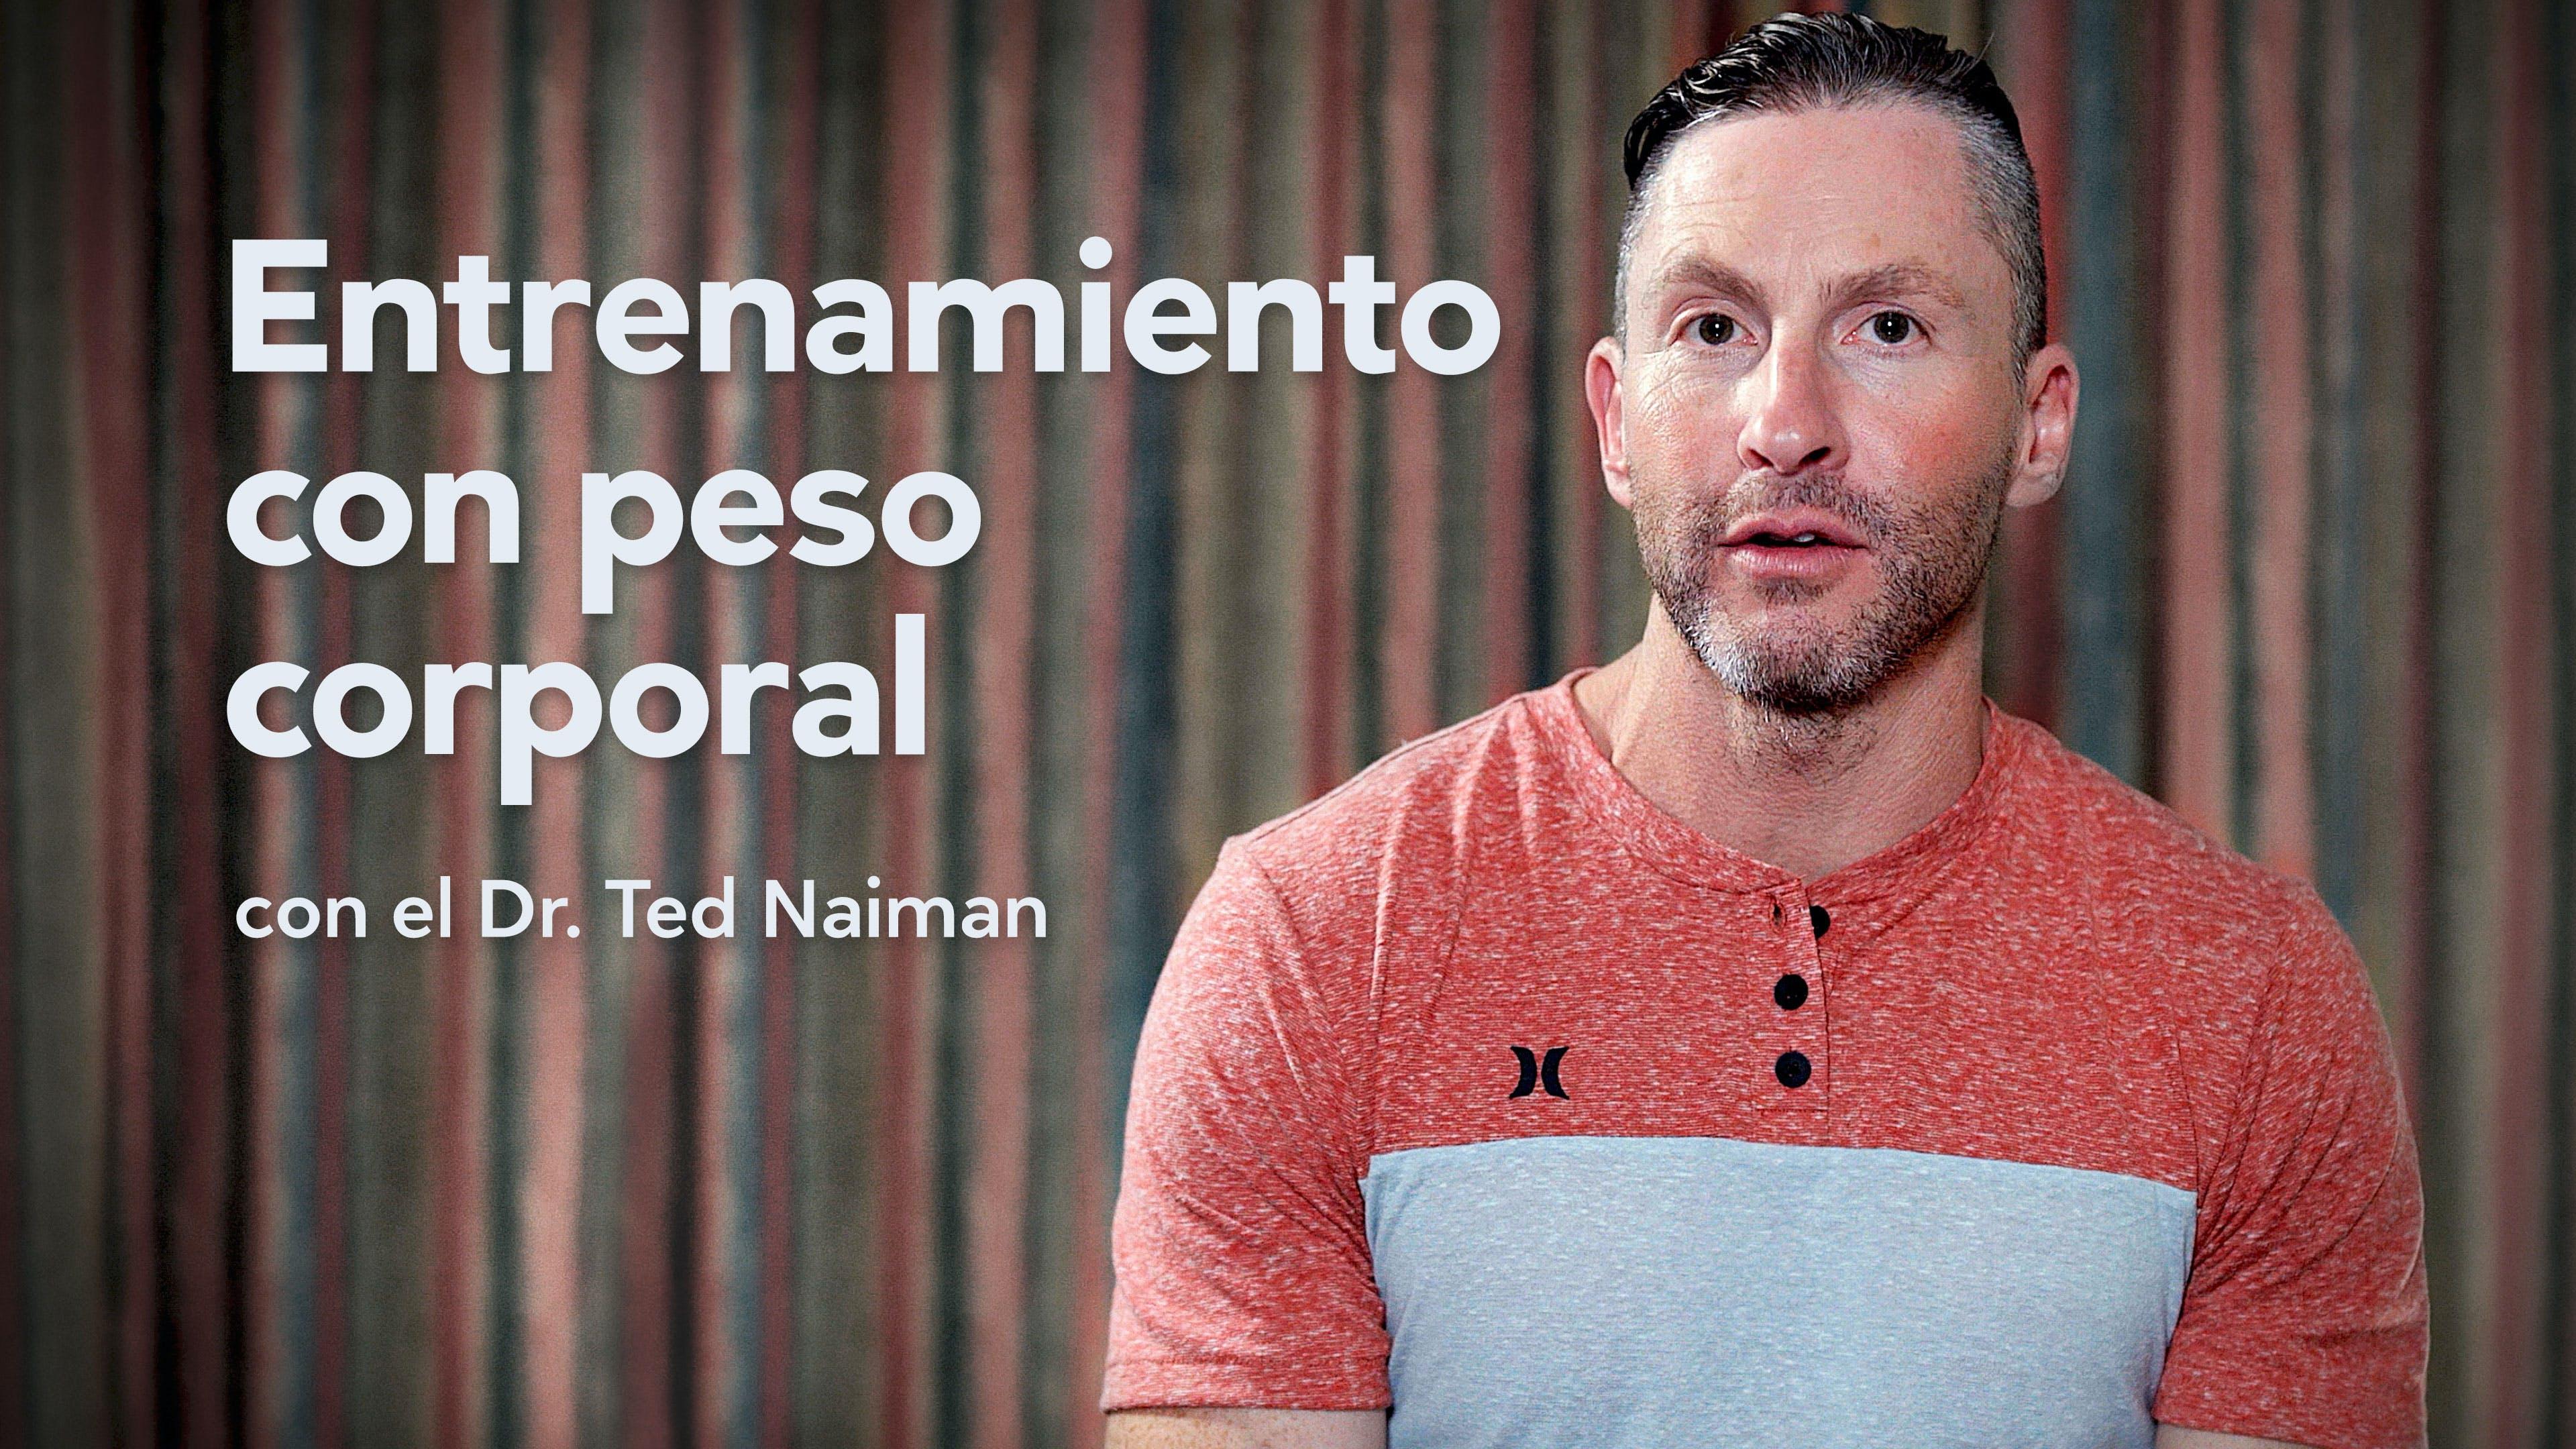 Entrenamiento con peso corporal con el Dr. Ted Naiman